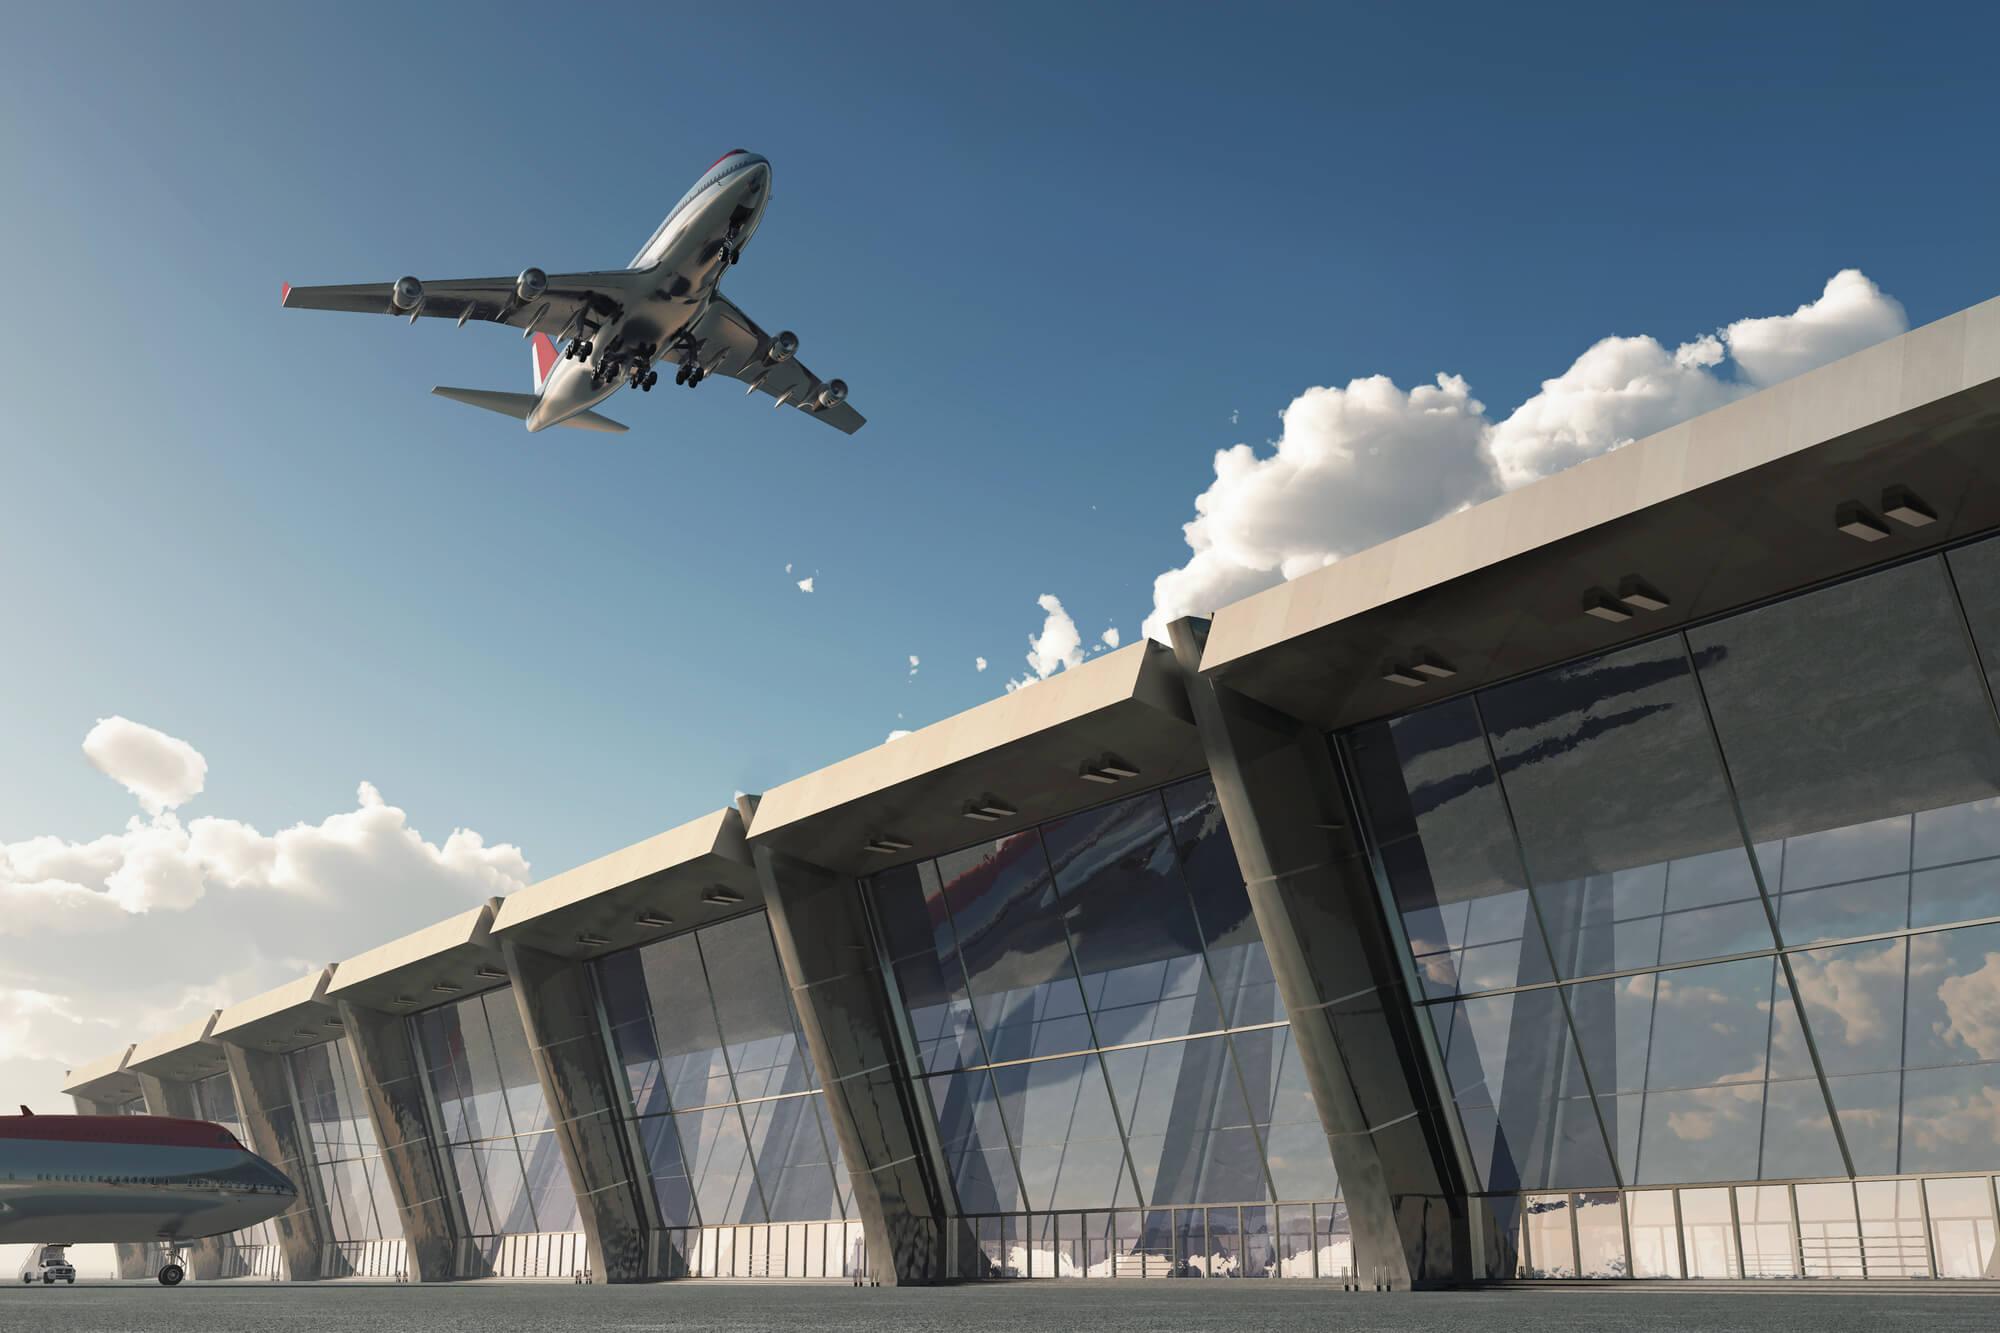 Регіональні аеропорти: додана вартість для економічного розвитку чи марна трата коштів